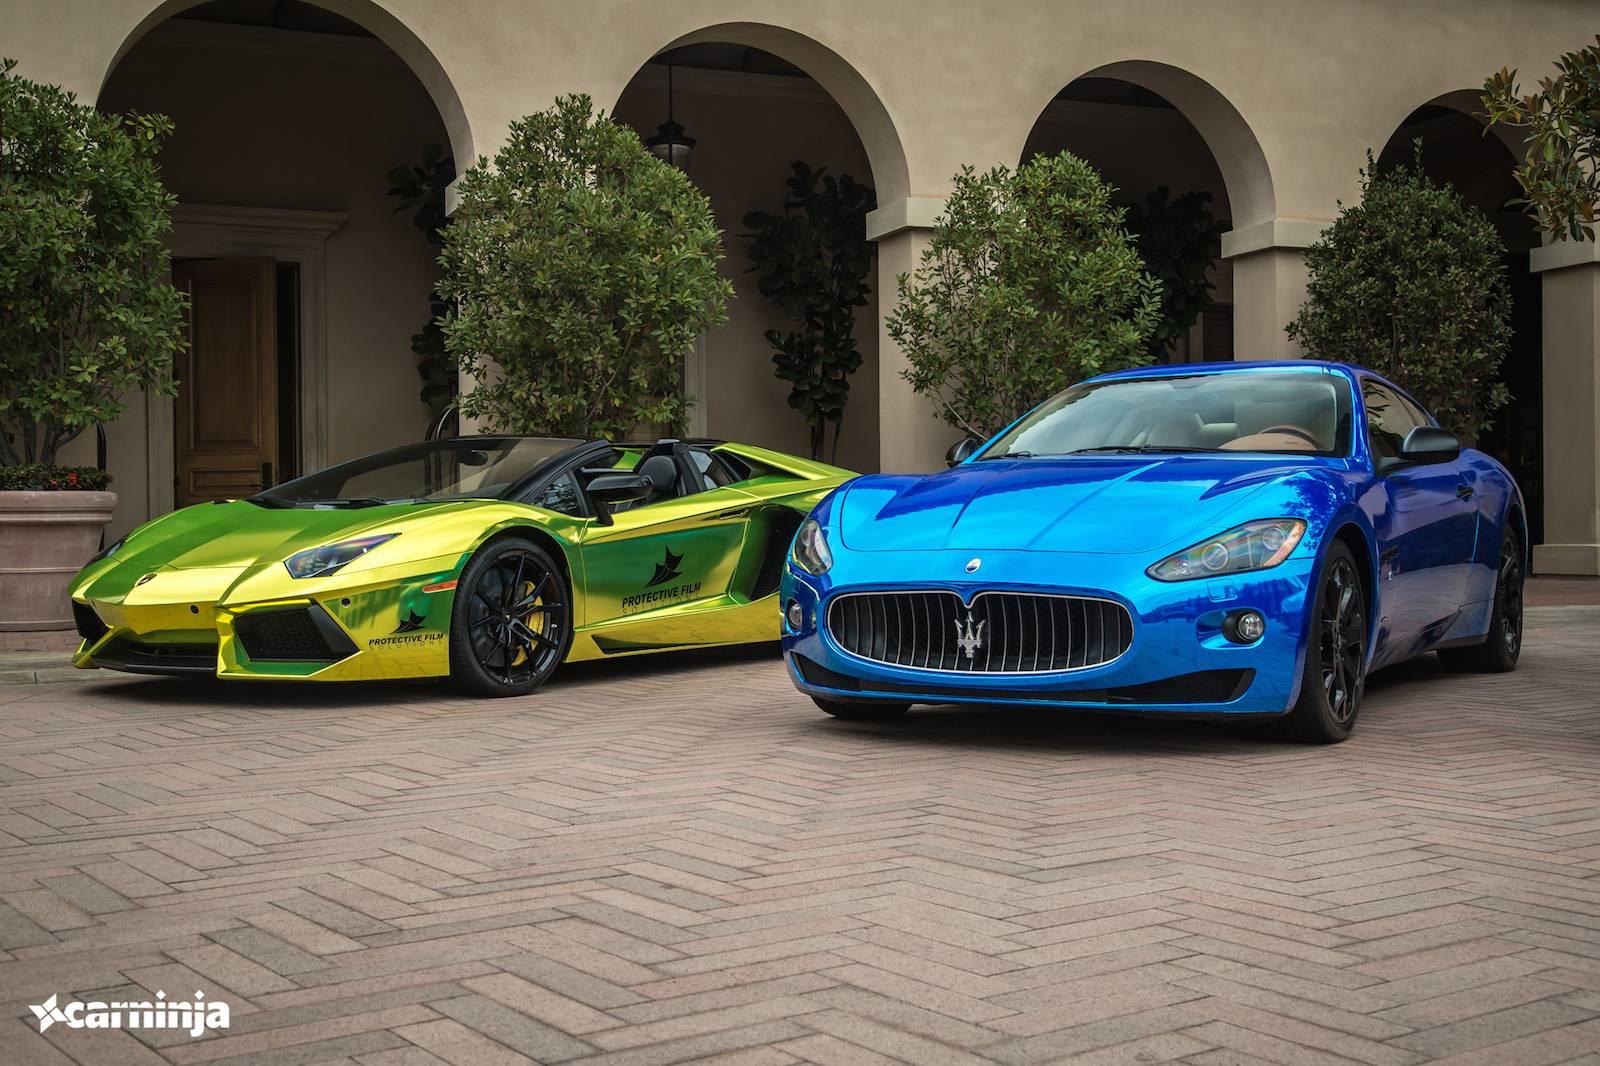 Фото Lamborghini Aventador Roadster и Maserati GranTurismo